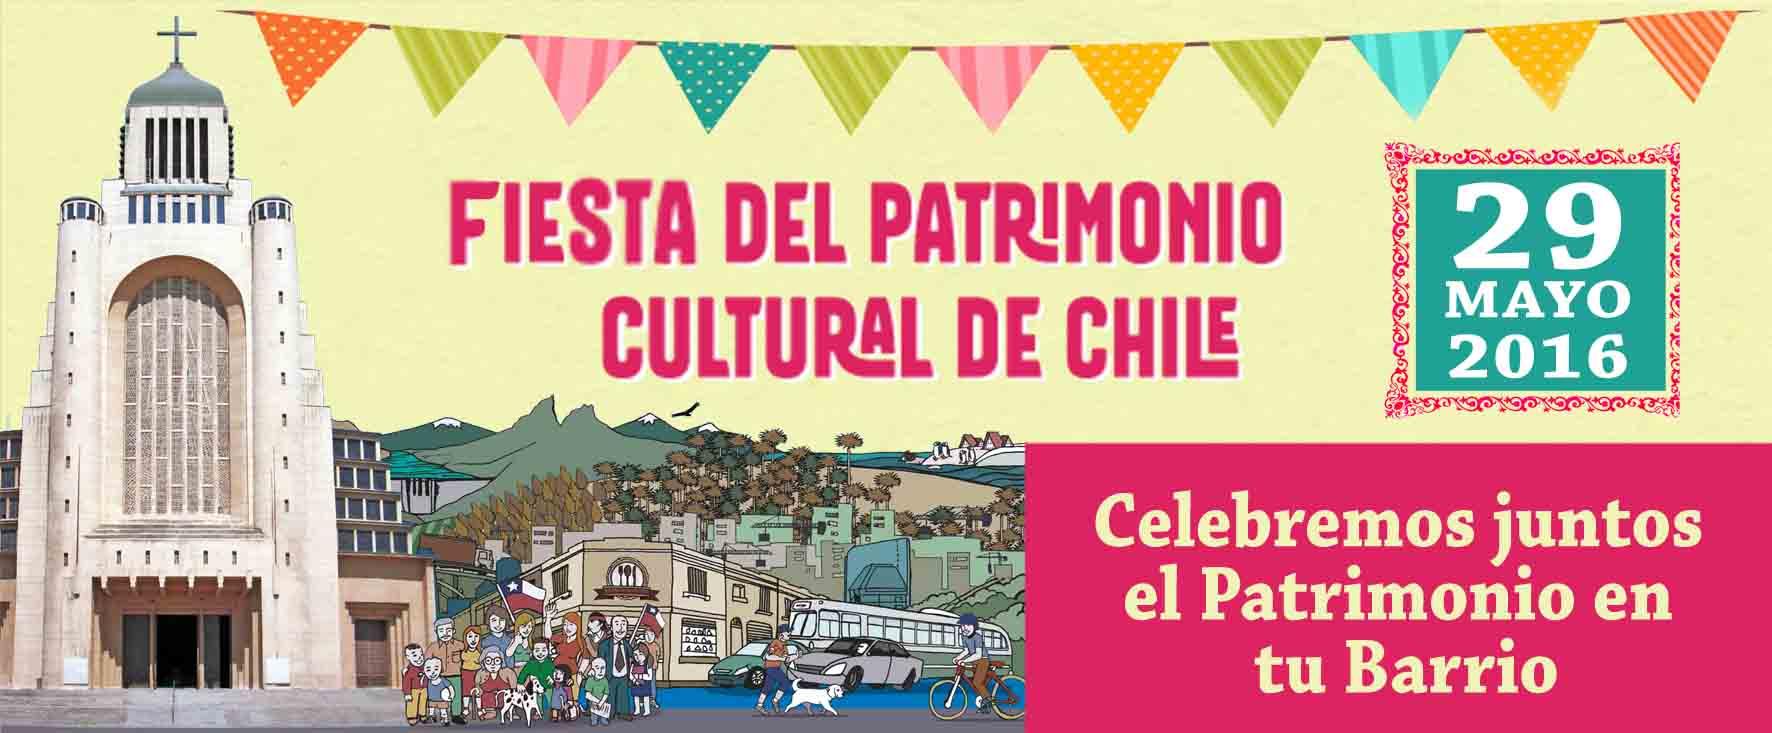 Afiche-Patrimonio-2016-banner